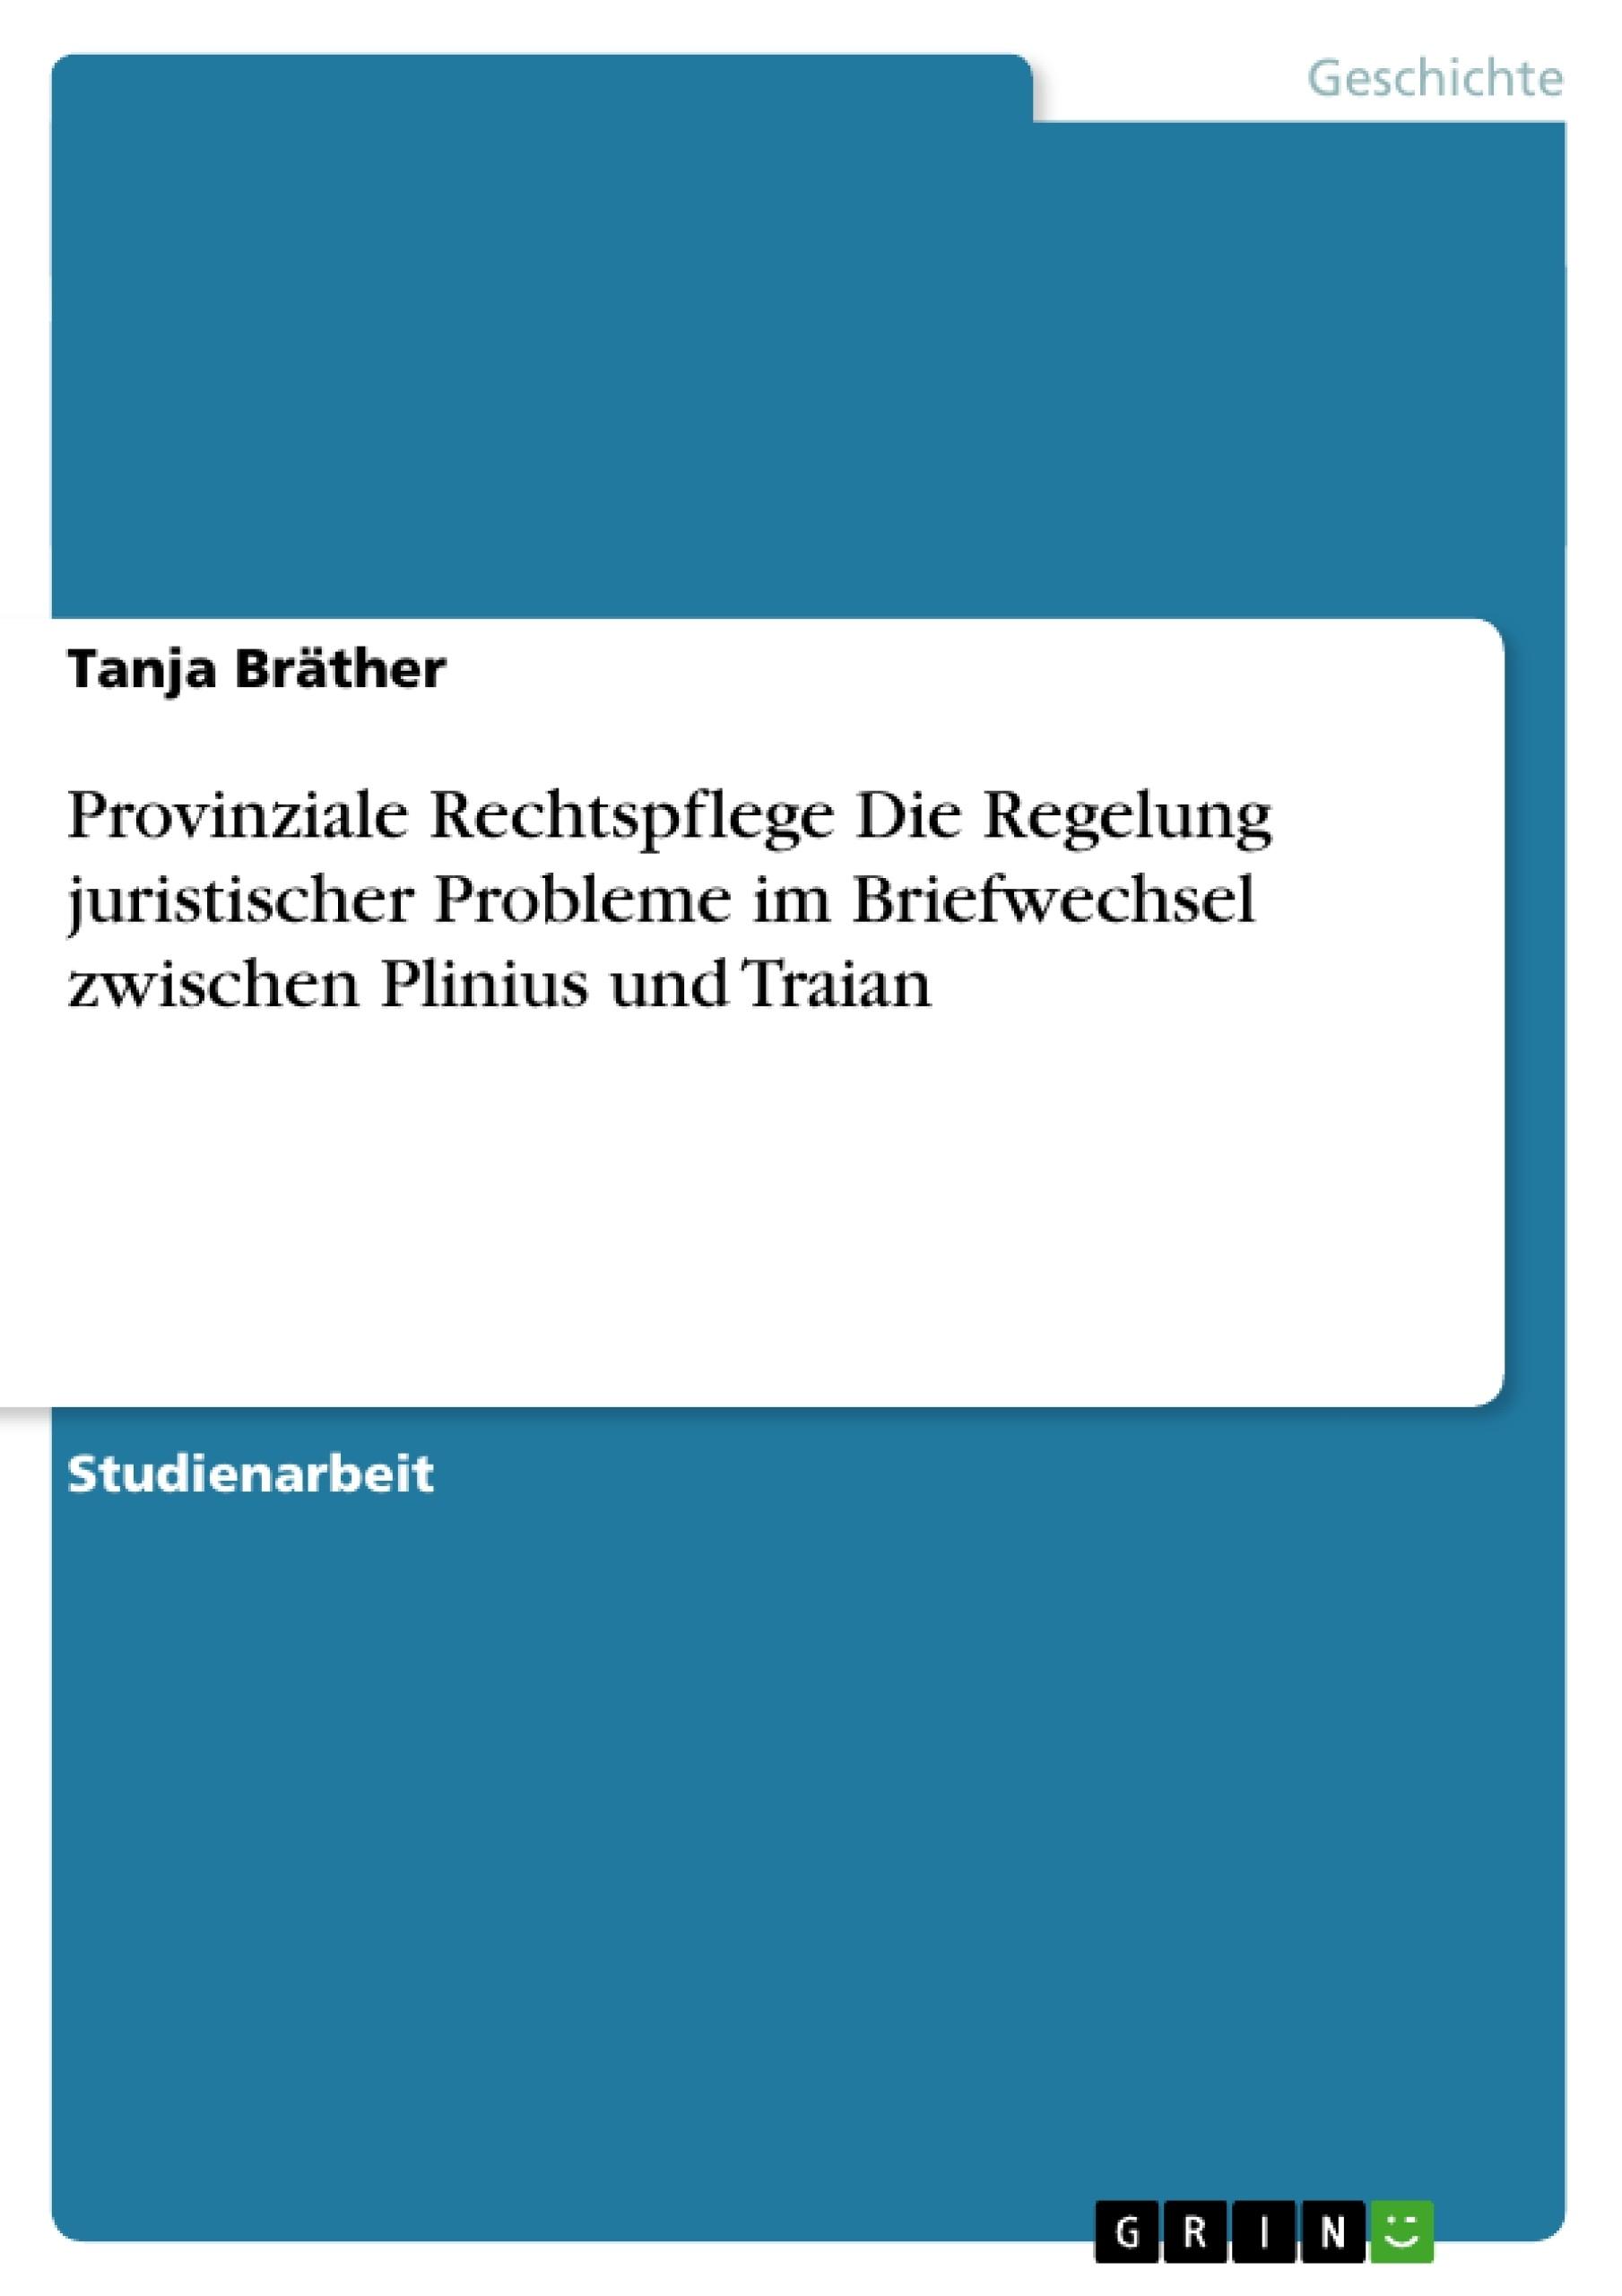 Titel: Provinziale Rechtspflege  Die Regelung juristischer Probleme im Briefwechsel zwischen Plinius und Traian